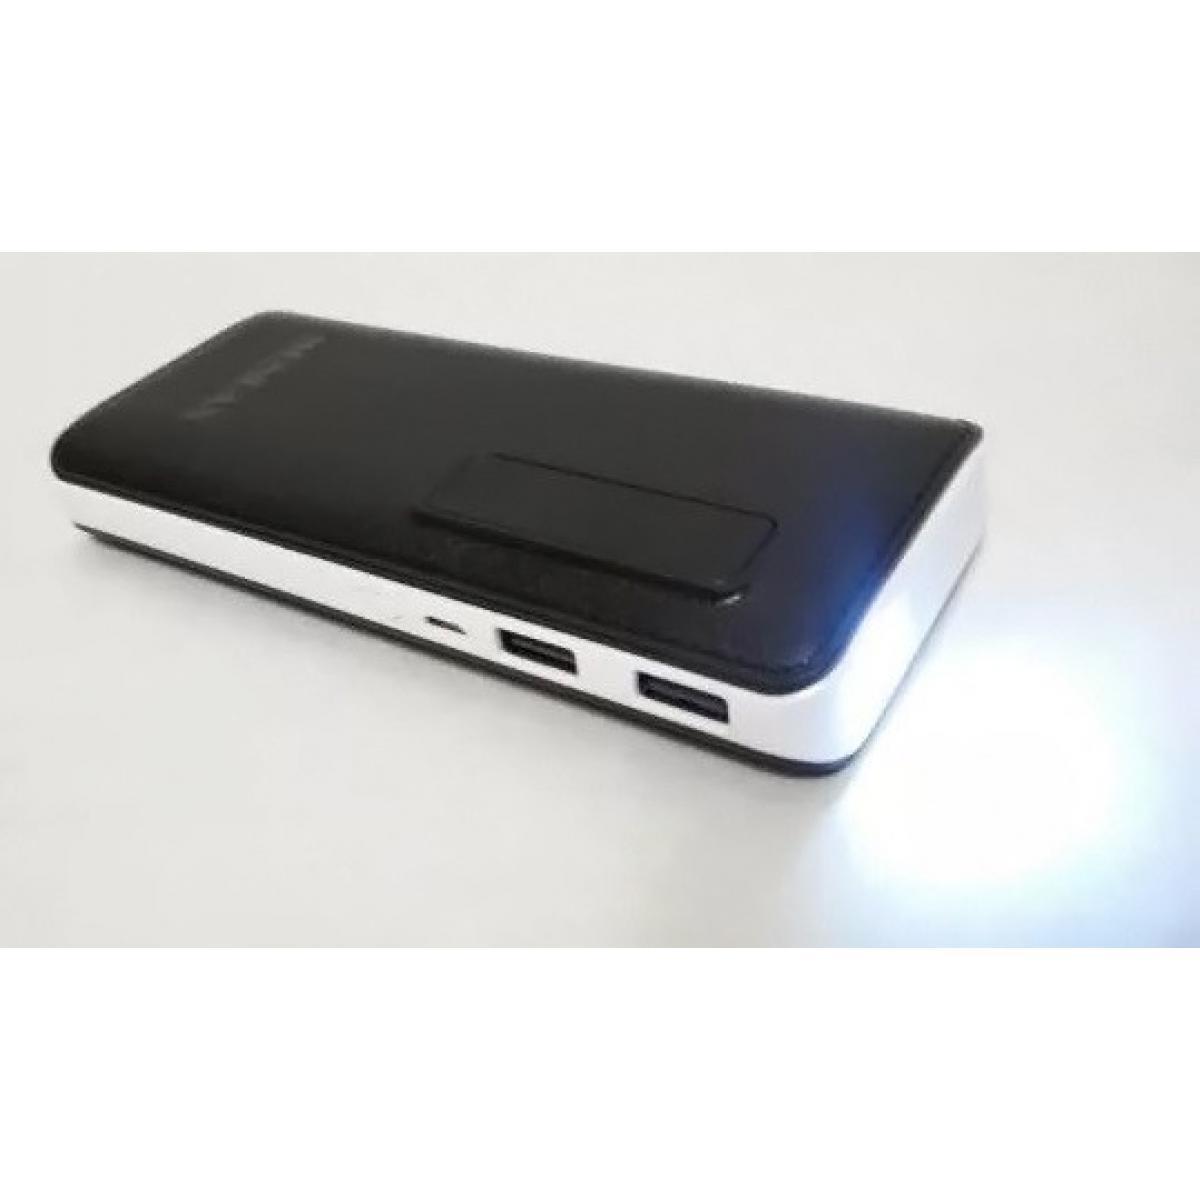 УМБ портативное зарядное Power Bank Mondax SC-12 42000 mAh, с фонариком